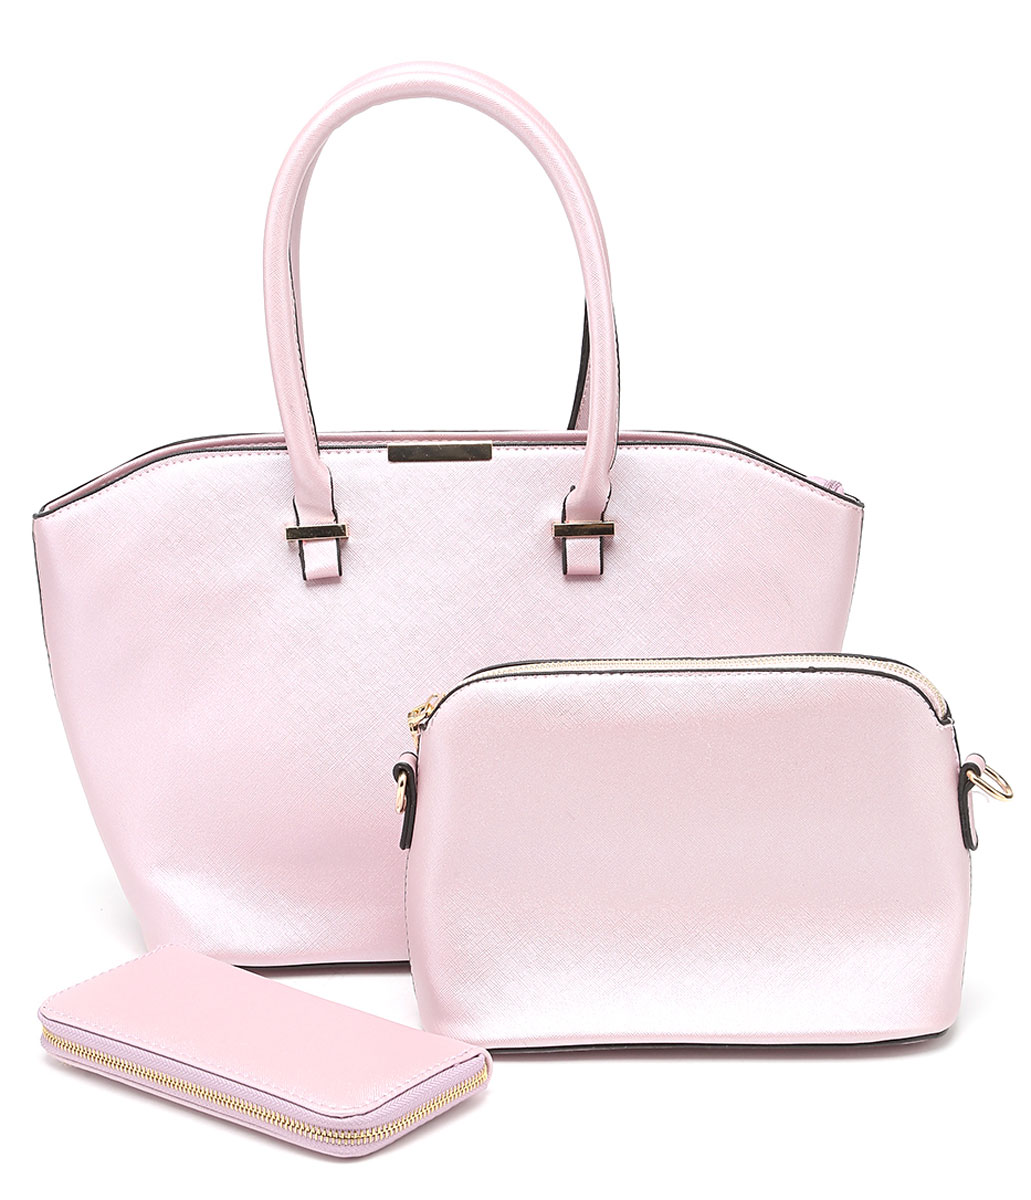 Комплект женский DDA, 3 предмета, цвет: розовый. WB-1011ML597BUL/DКомплект DDA состоит из большой сумки, маленькой сумочки-клатча и кошелька. Изделия изготовлены из качественной экокожи. Большая сумка закрывается на застежку-молнию. Сумка содержит одно отделение, в котором расположены два открытых накладных кармана и один врезной на молнии. С внешней задней стороны сумки - врезной карман на застежке-молнии. Модель дополнена двумя прочными ручками на металлической фурнитуре. Маленькая сумка-клатч закрывается на застежку-молнию. Сумка содержит одно отделение, в котором расположены два открытых накладных кармана и один врезной карман на молнии. В комплекте два съемных ремня с застежками-карабинами. Короткий ремень выполнен из экокожи и прочных металлических цепей. Длинный ремень из экокожи регулируется по длине. Удобный женский кошелек застегивается на металлическую молнию. Кошелек разделен карманом-средником на молнии и содержит восемь отделений для карточек или визиток.